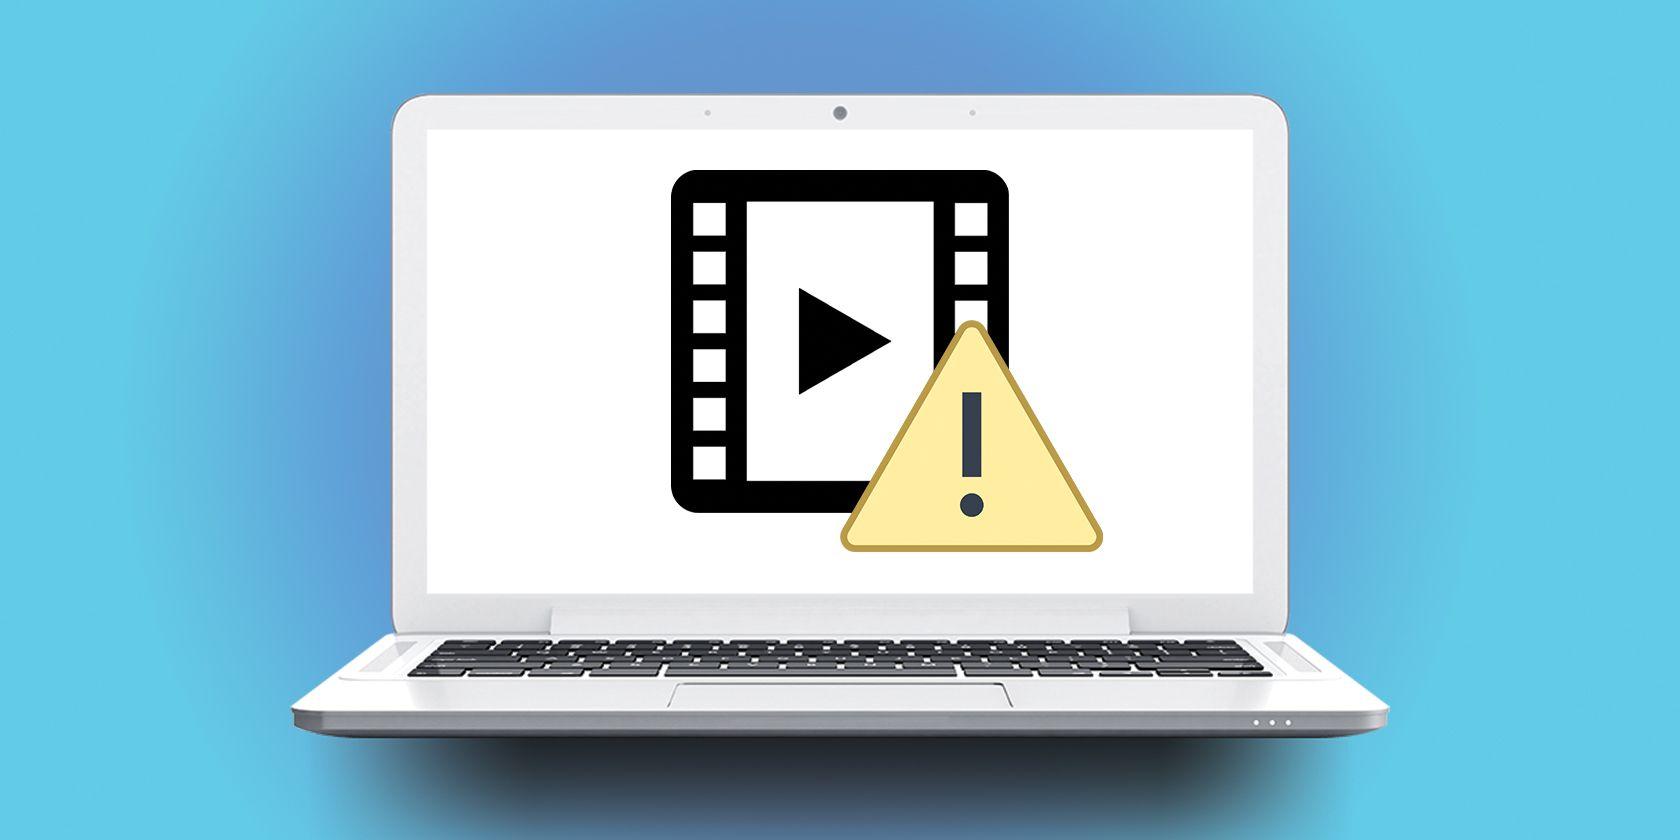 بهترین برنامههای تعمیر ویدیو که باید امتحان کنید